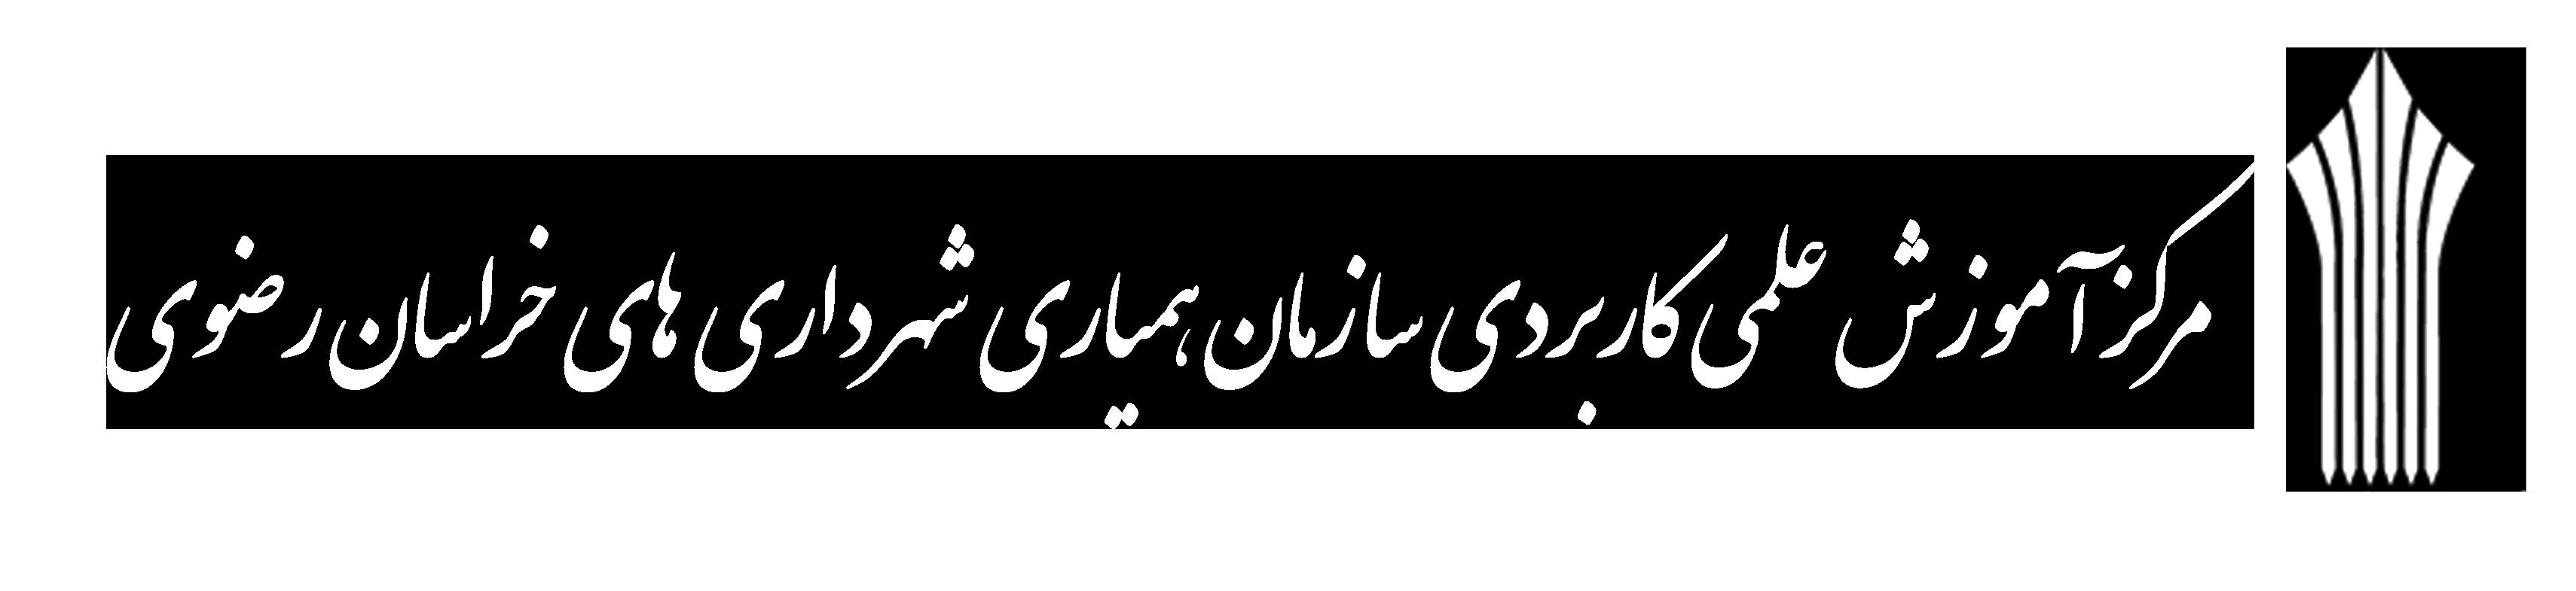 مرکز آموش علمی کاربردی شهرداری مشهد